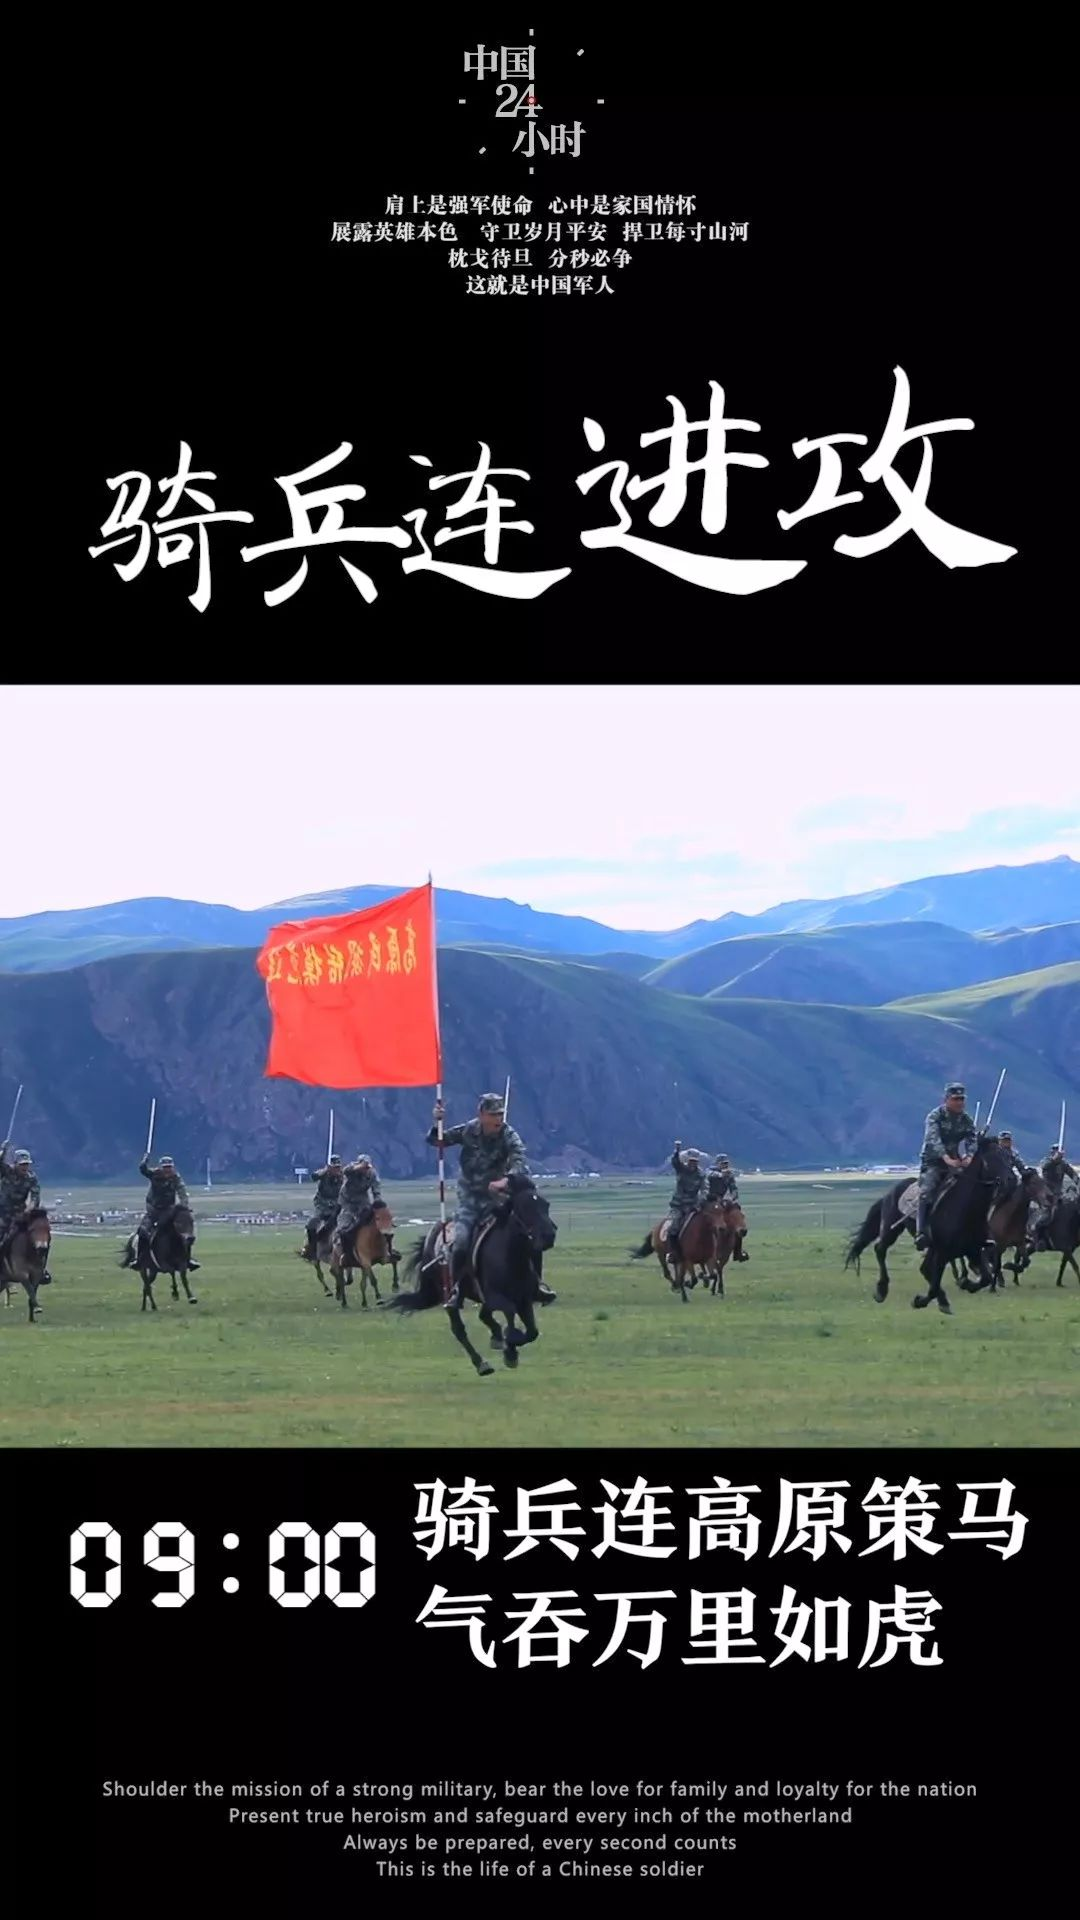 这也太太太炸了吧!《中国军人24小时》,每一刻都是热血海报!